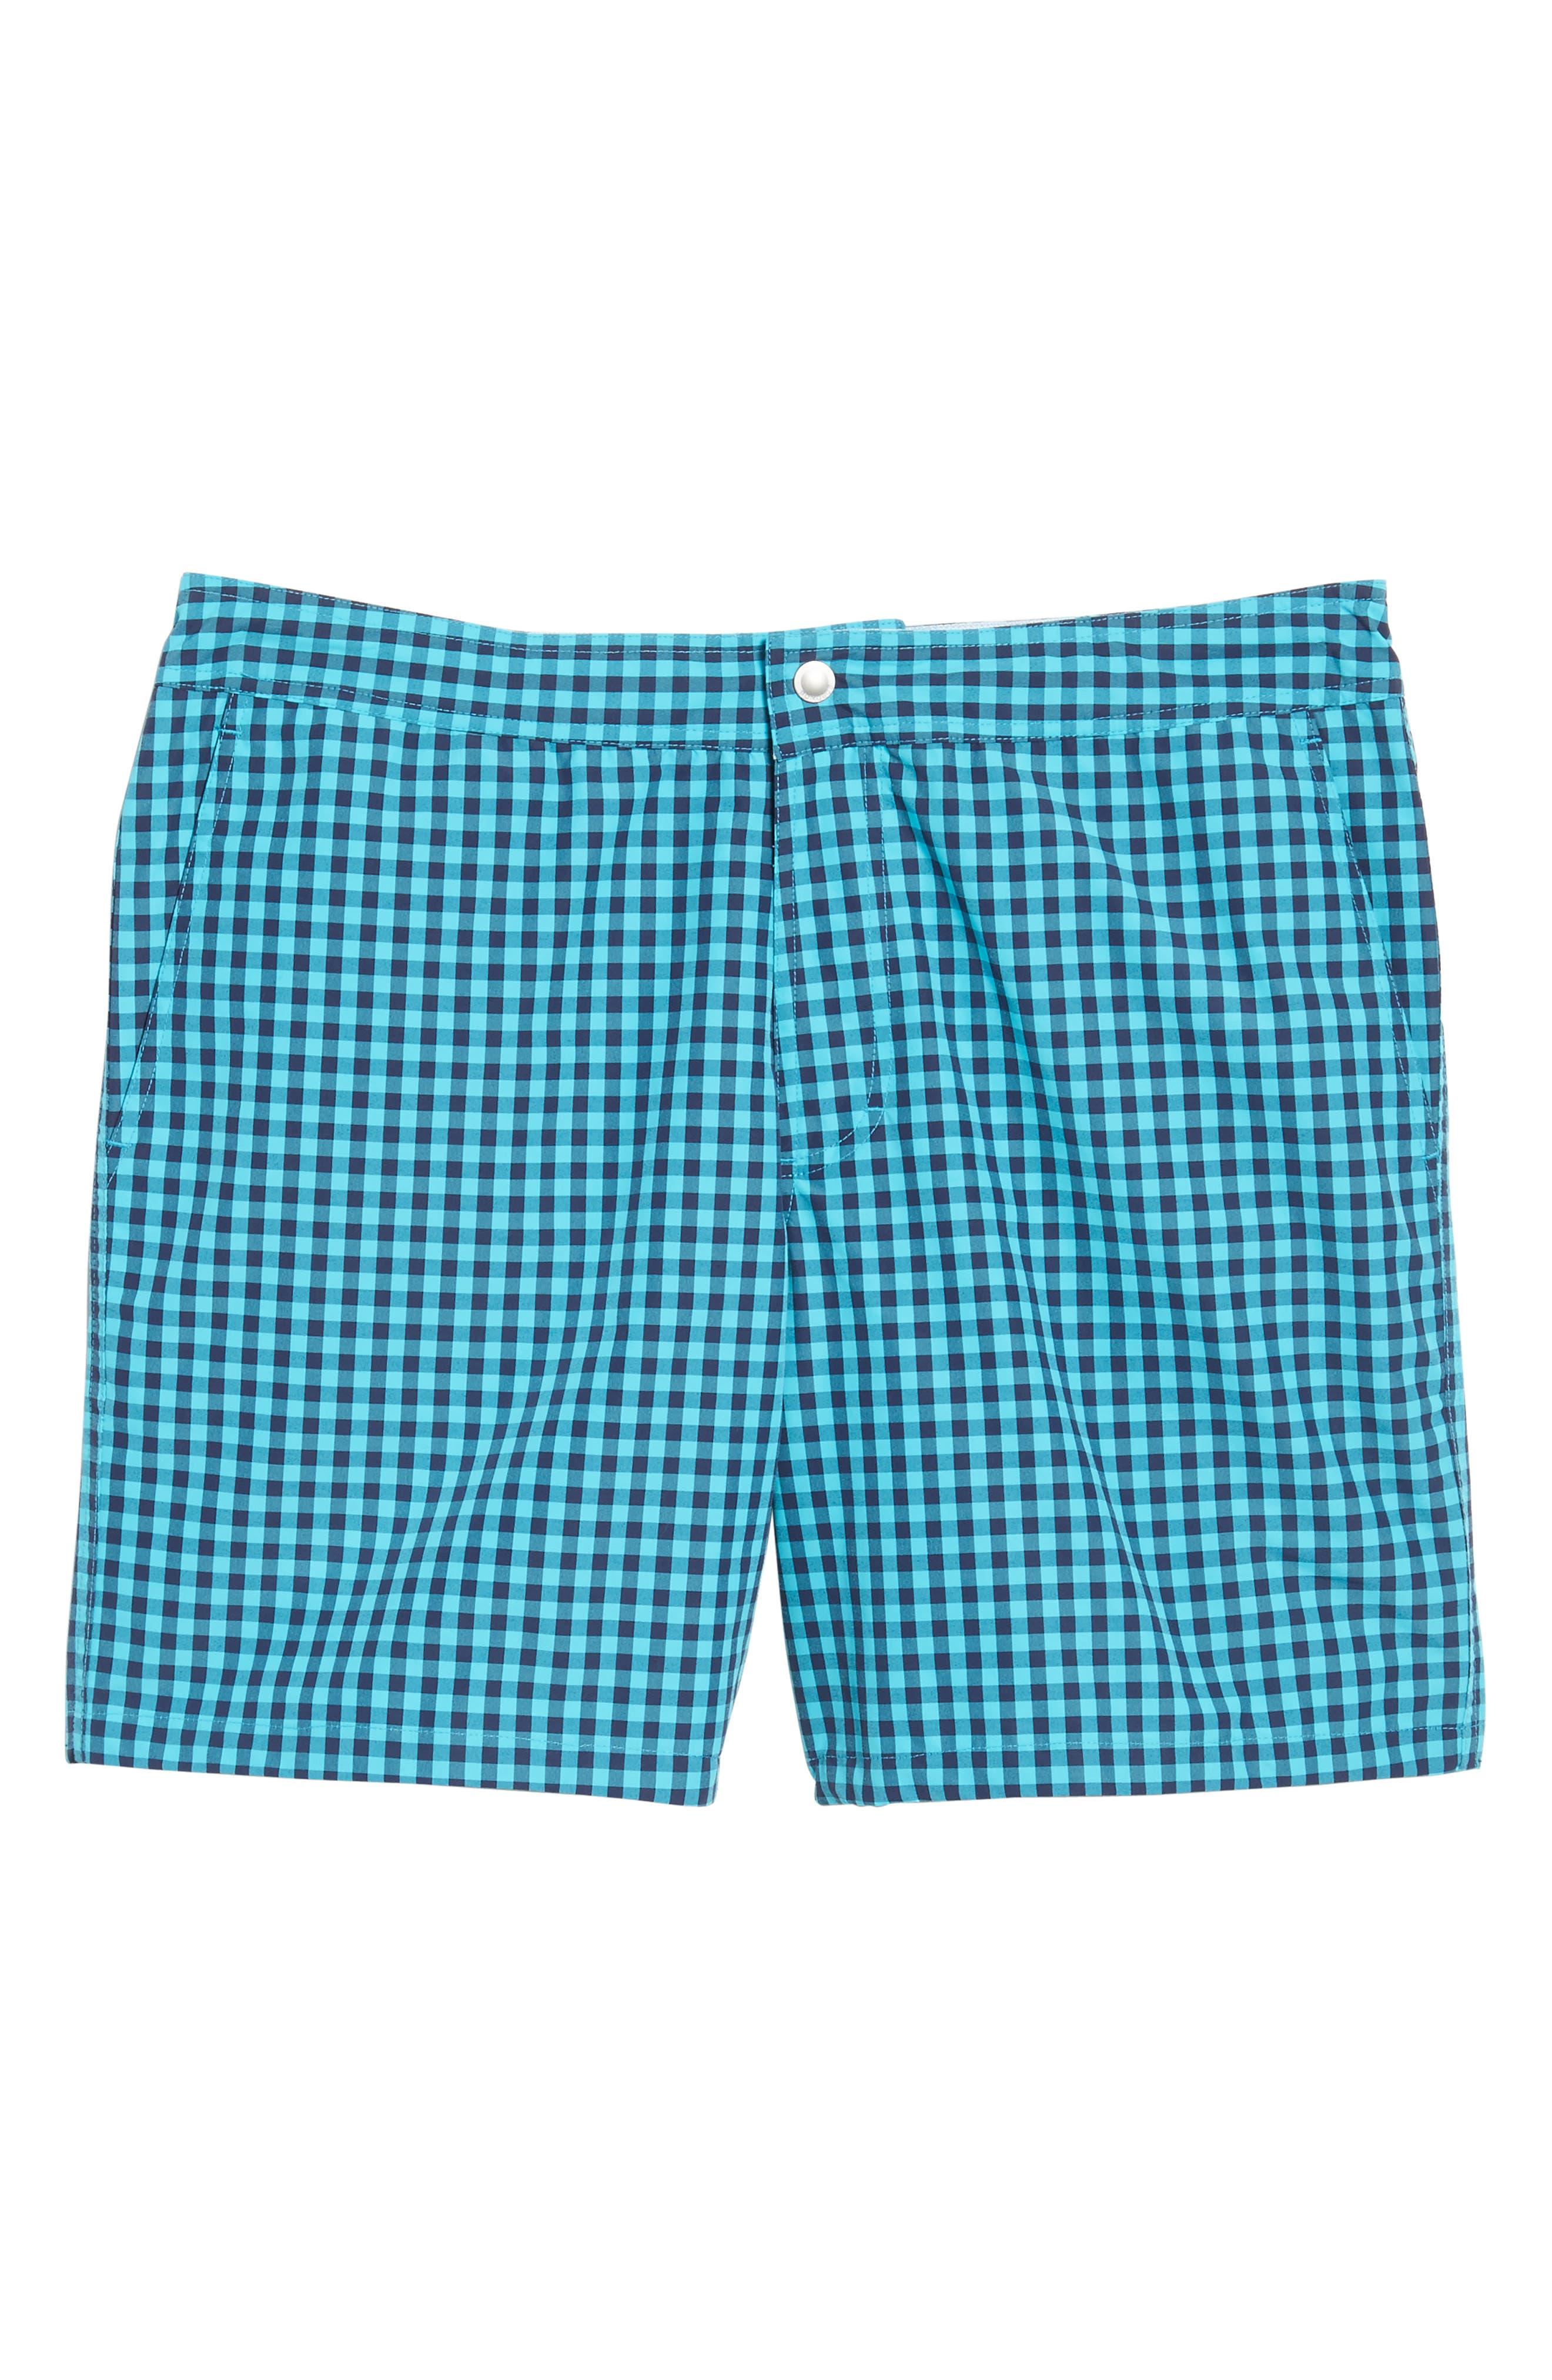 Gingham 7-Inch Swim Trunks,                             Alternate thumbnail 6, color,                             Gulfstream Gingham Scuba Blue